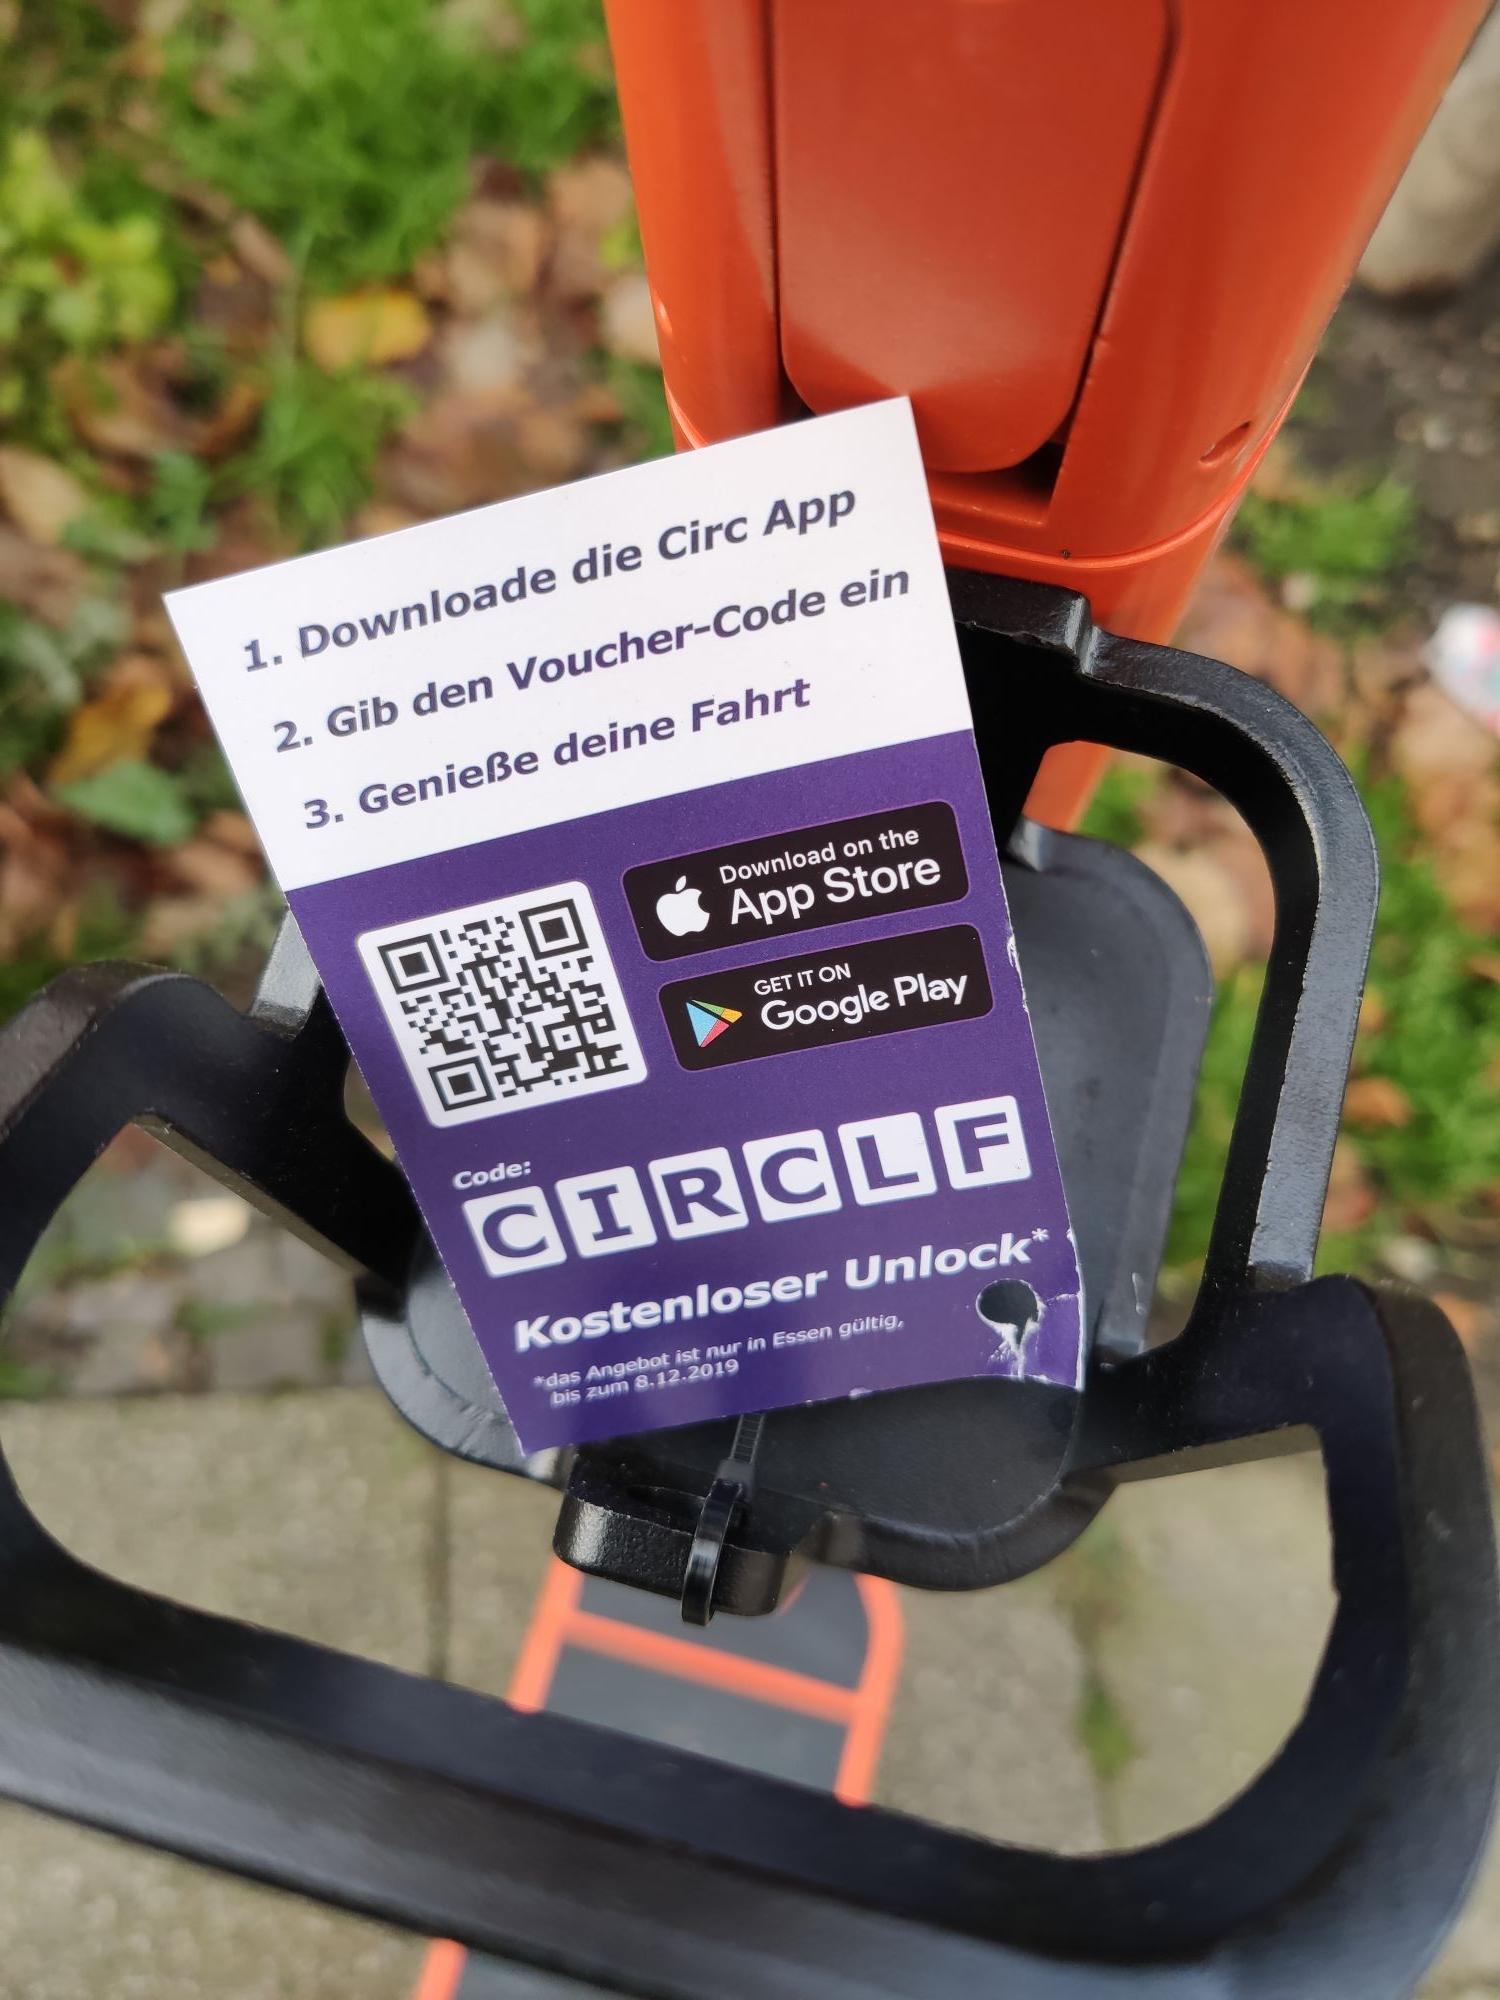 [ggf. Lokal Essen?] Circ eScooter kostenlos bis zu 999* entsperren